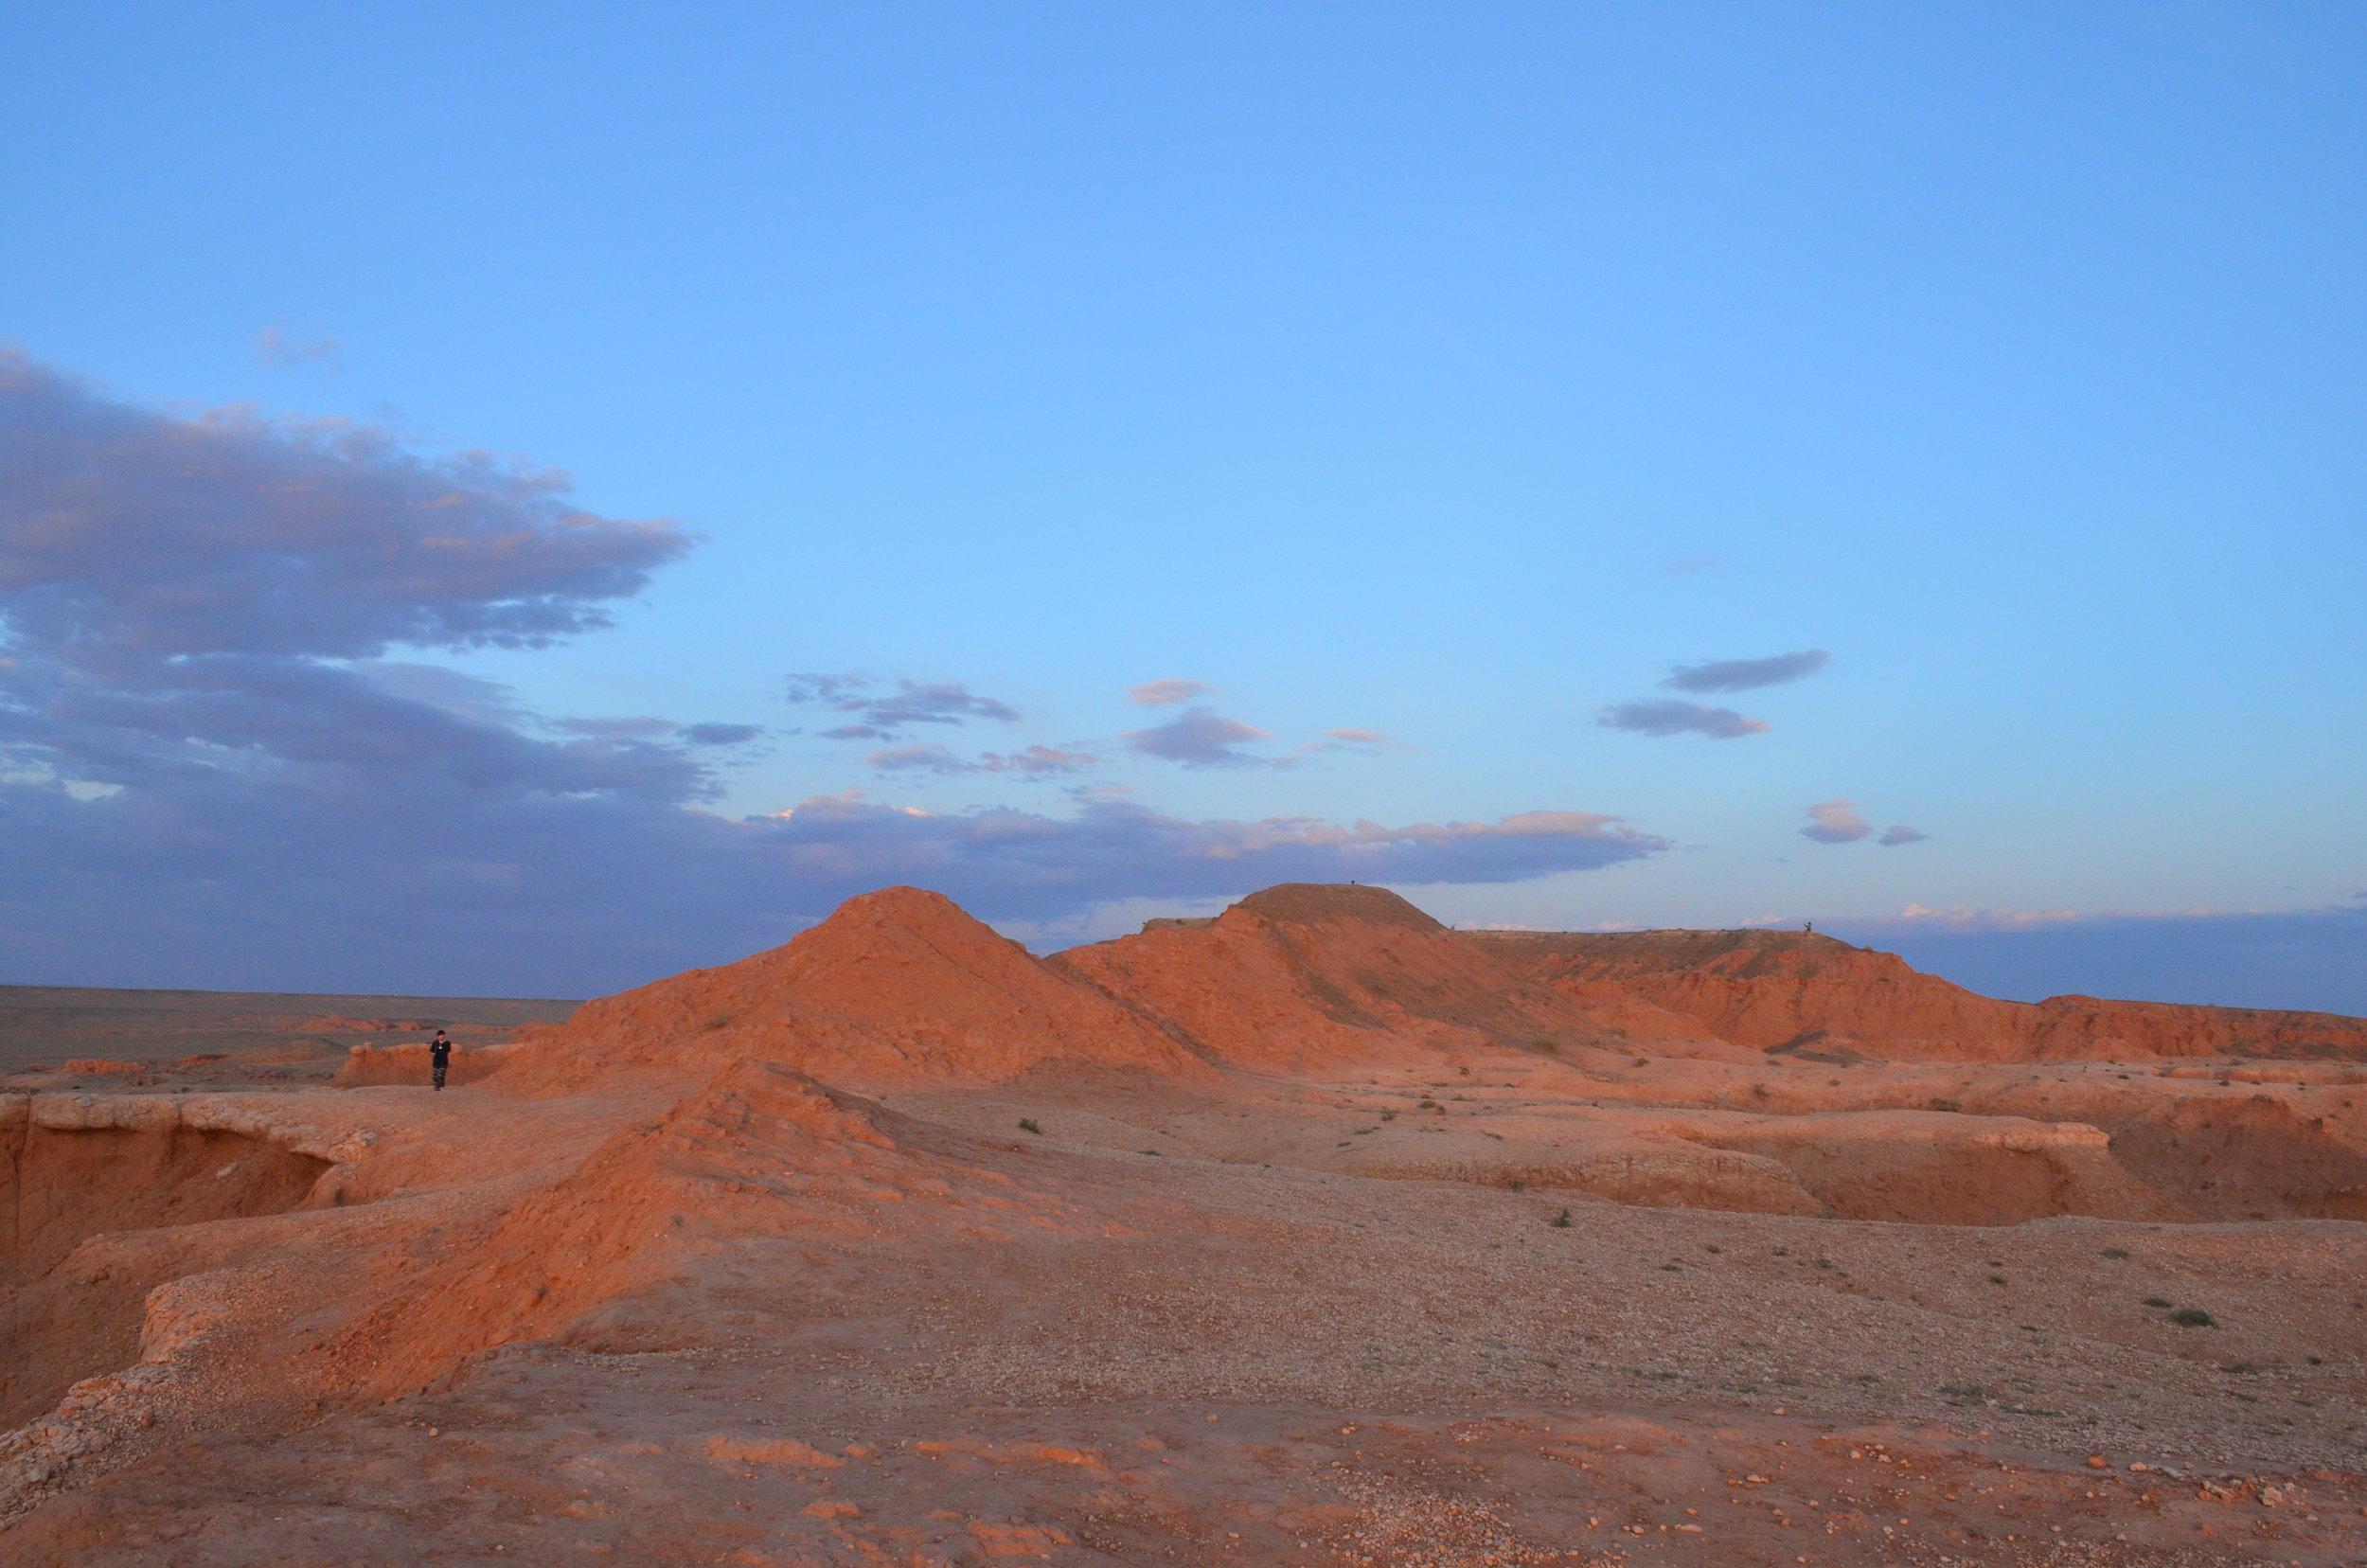 Flaming-Cliffs-Gobi